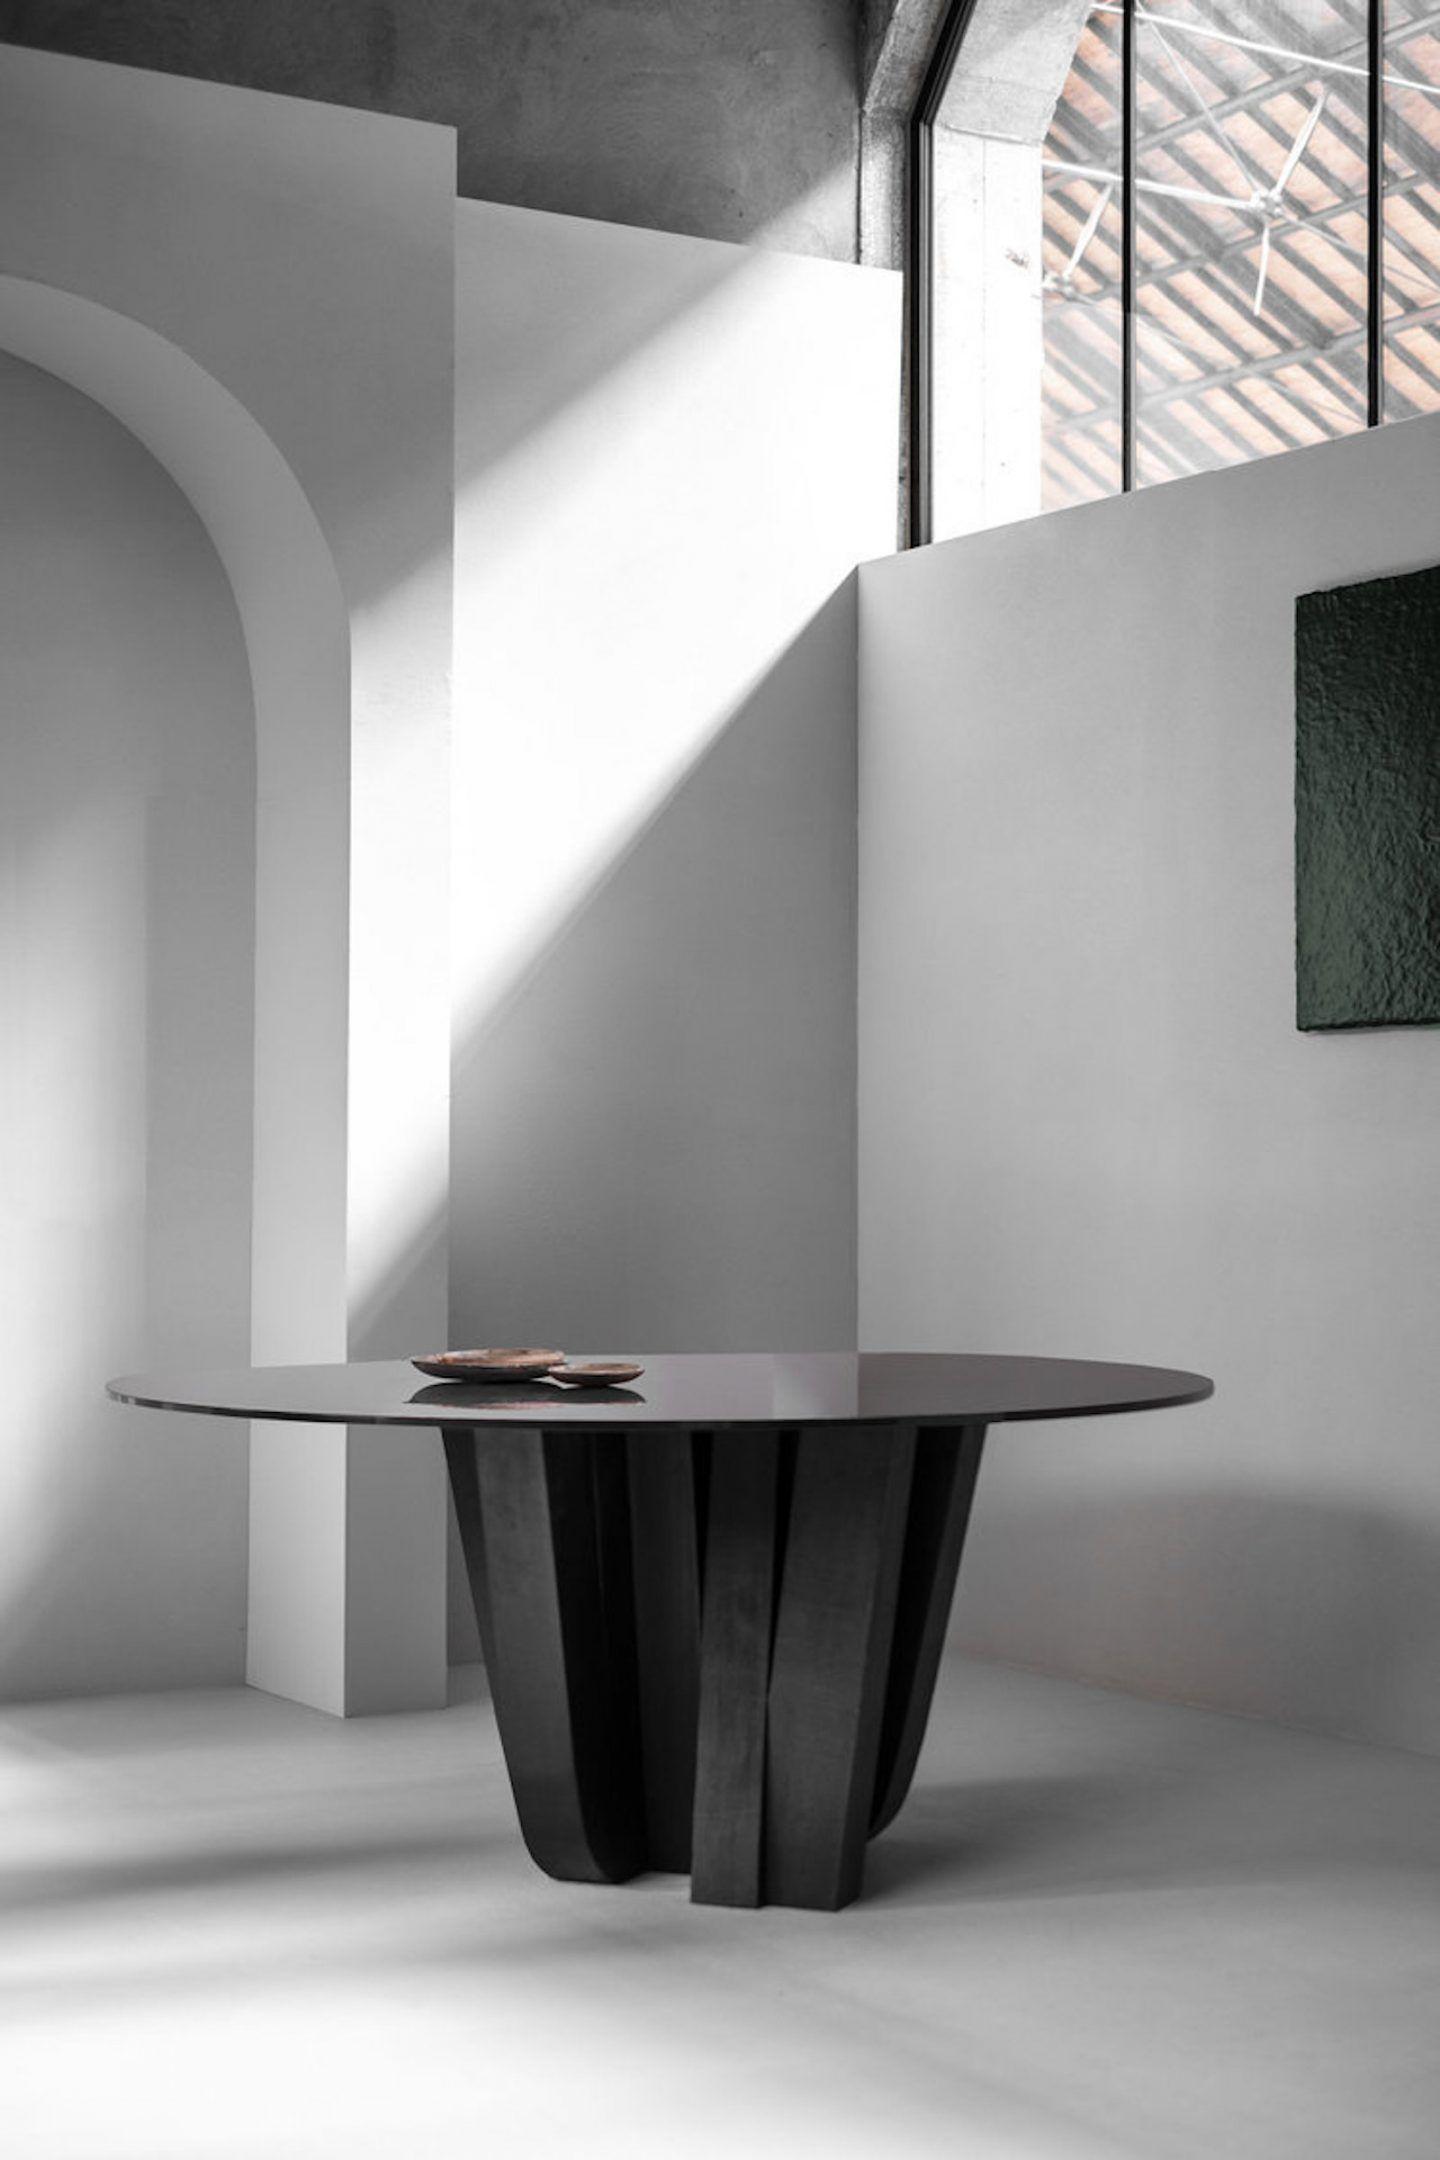 IGNANT-Design-Arno-Declercq-010